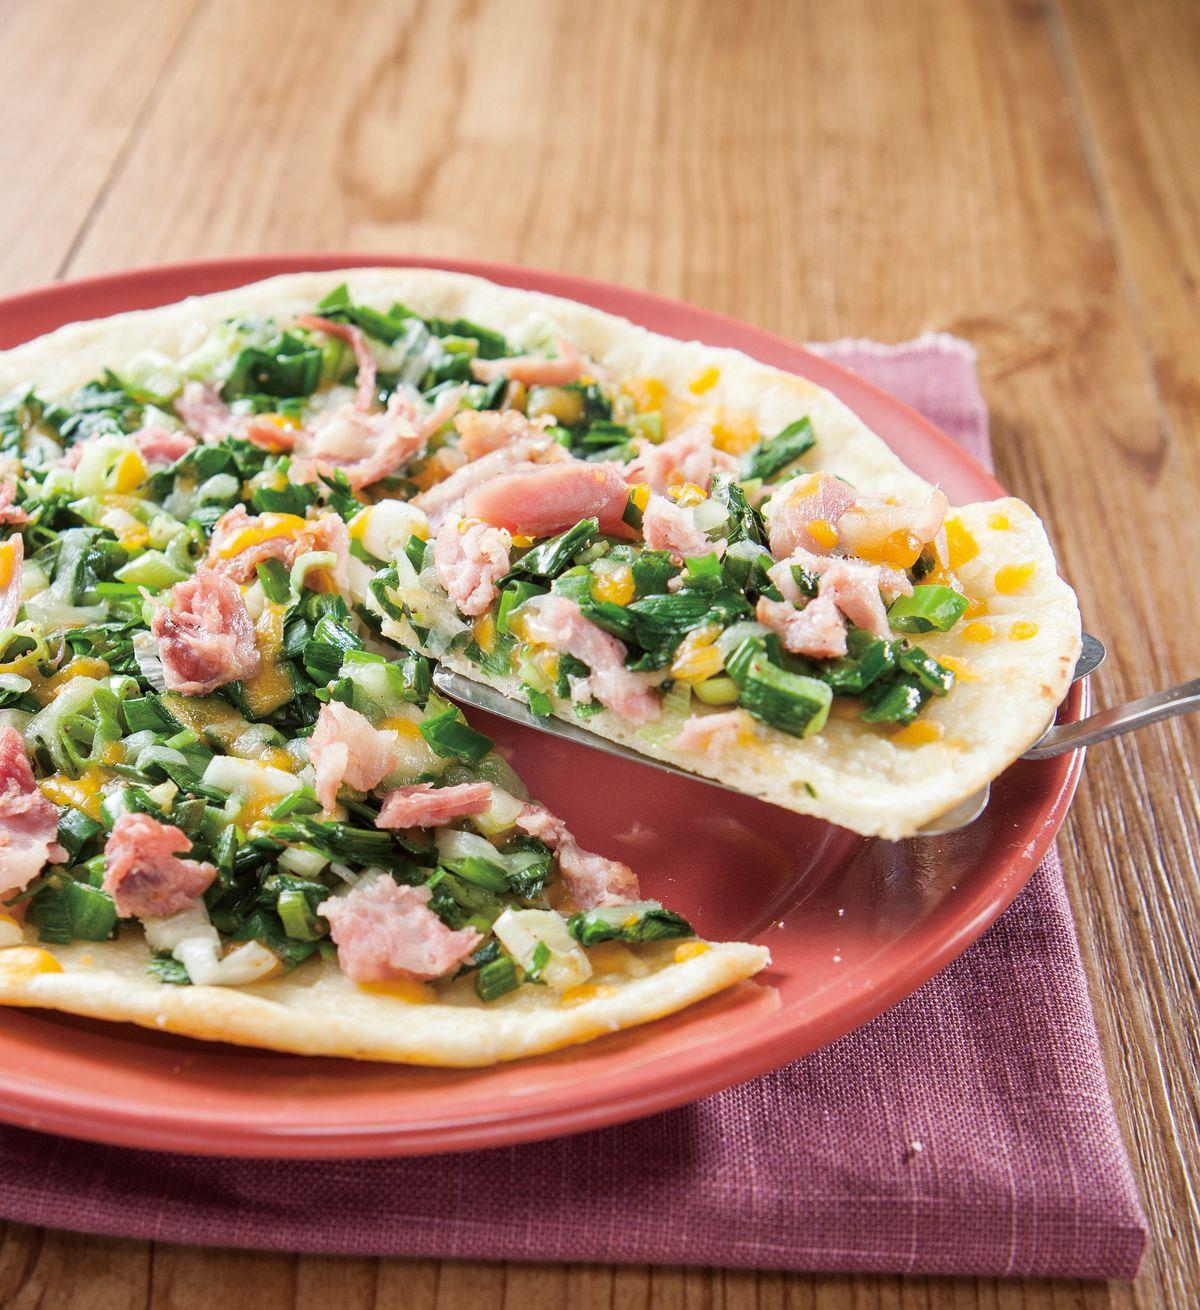 食譜:蔥香火腿披薩